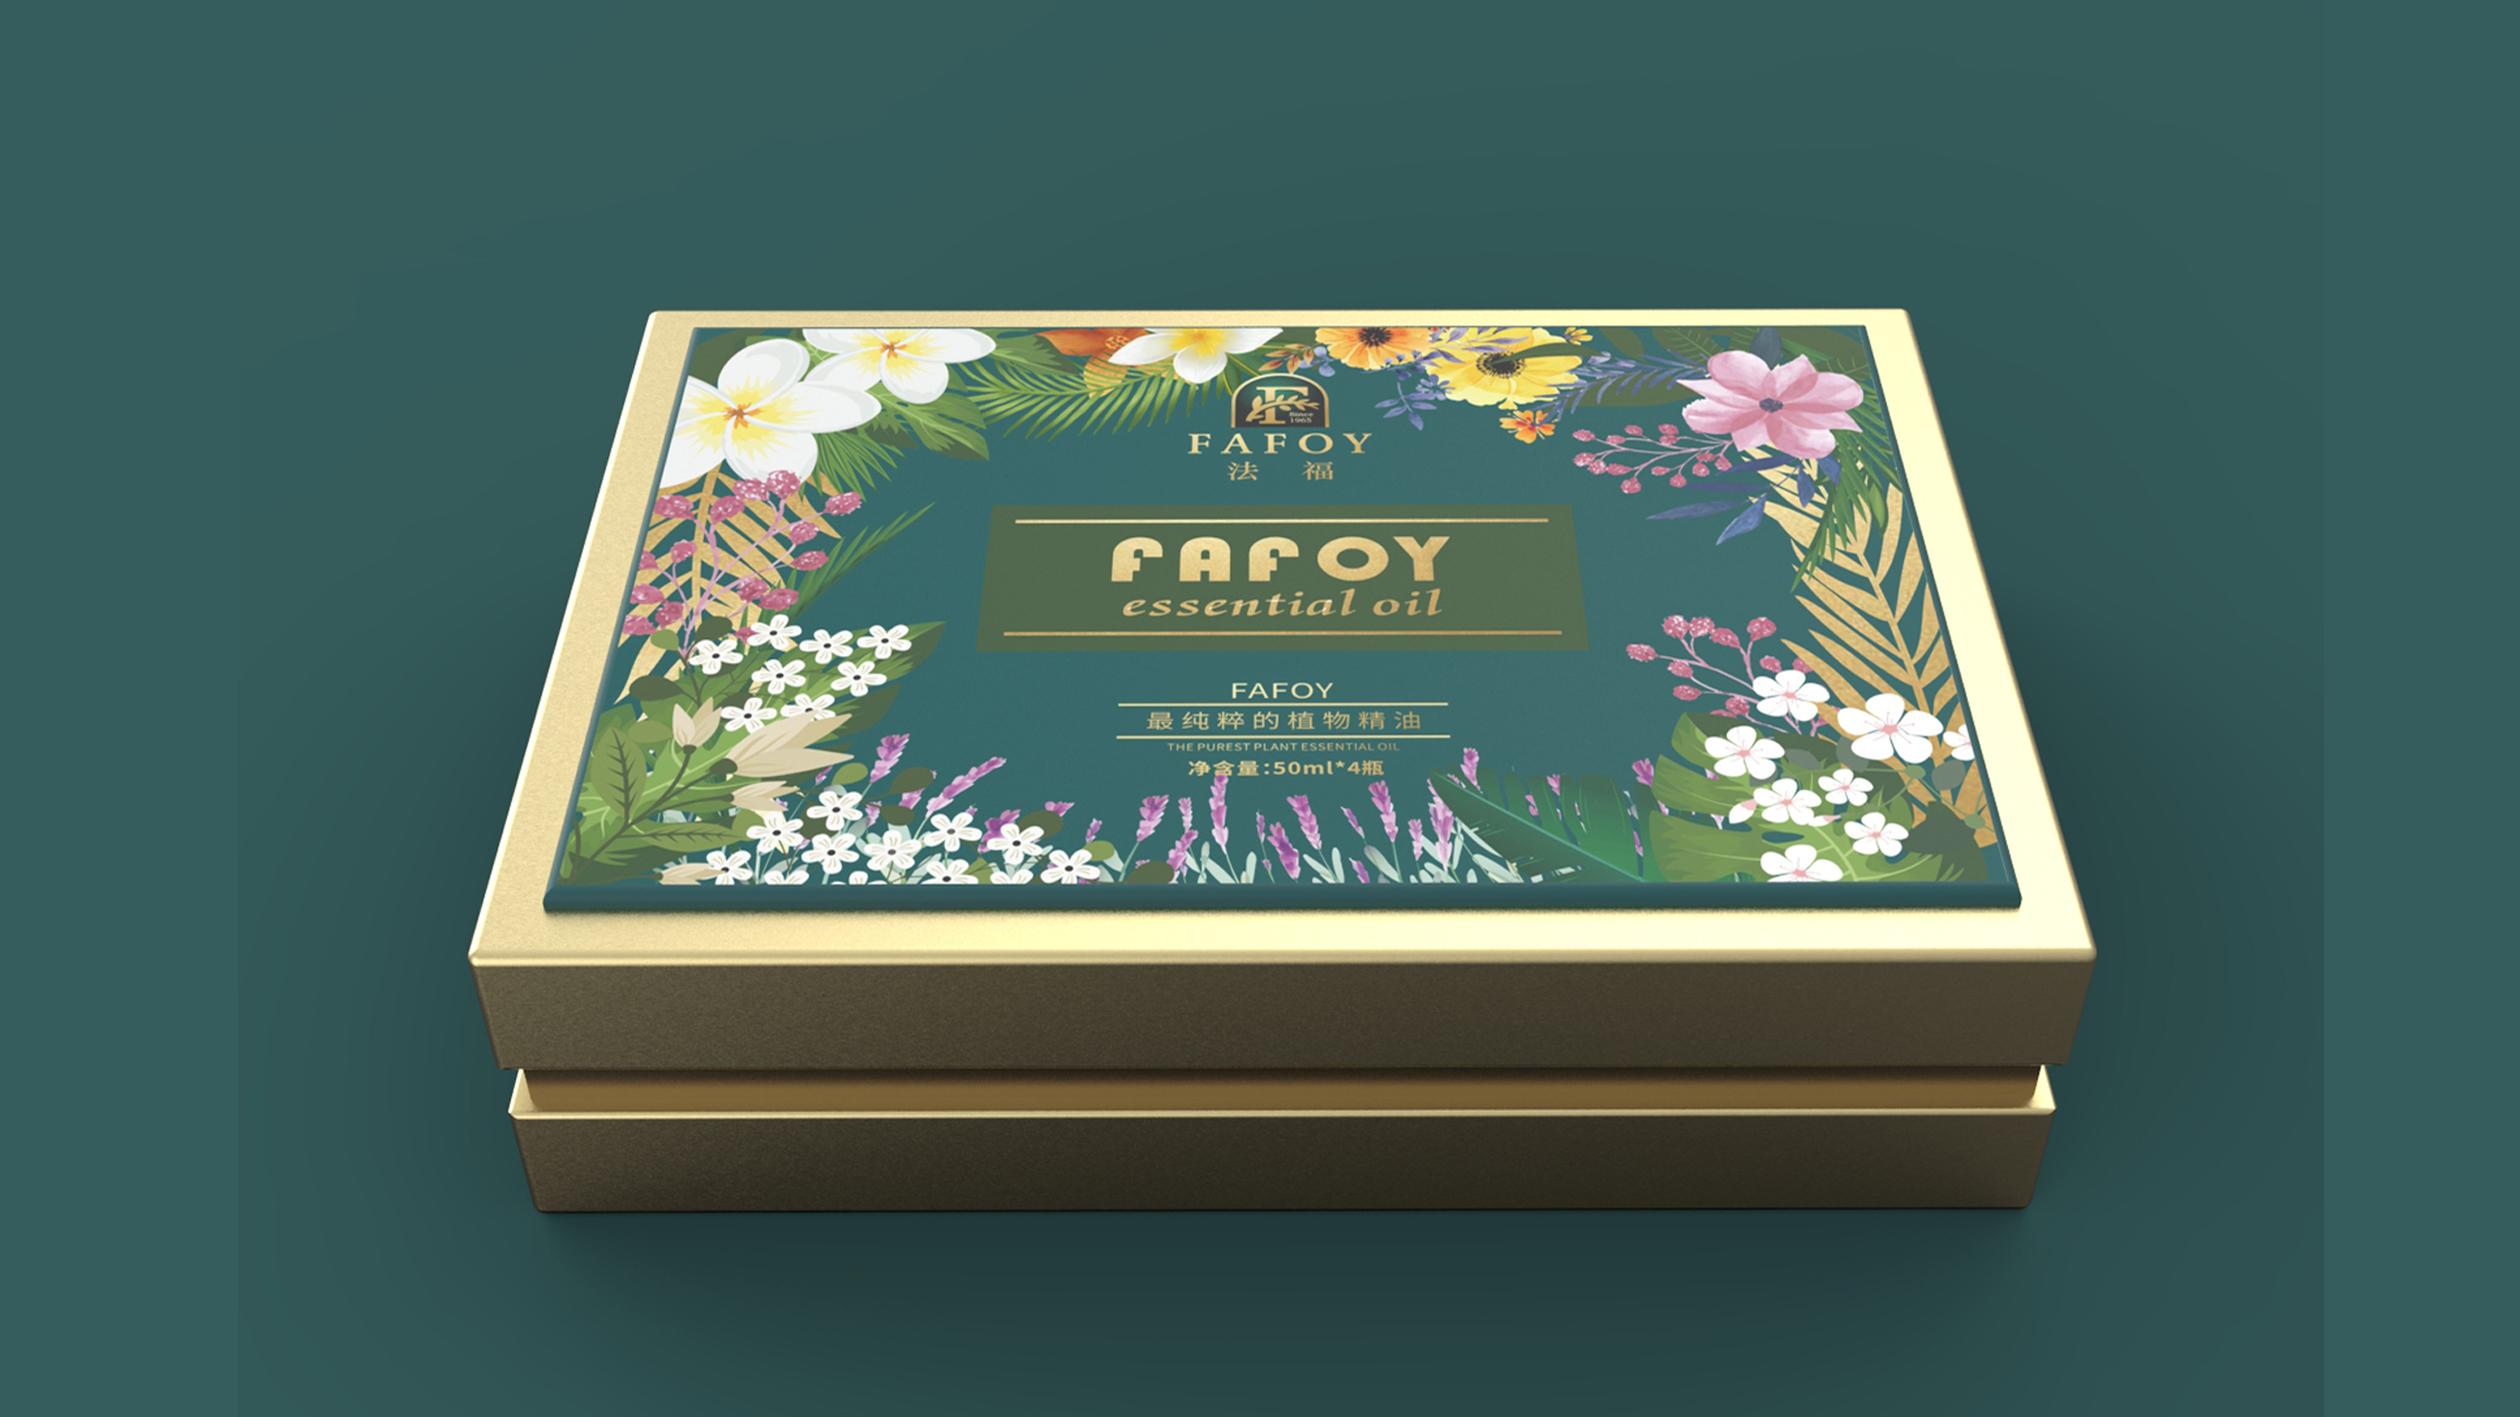 法福日化品牌包装设计